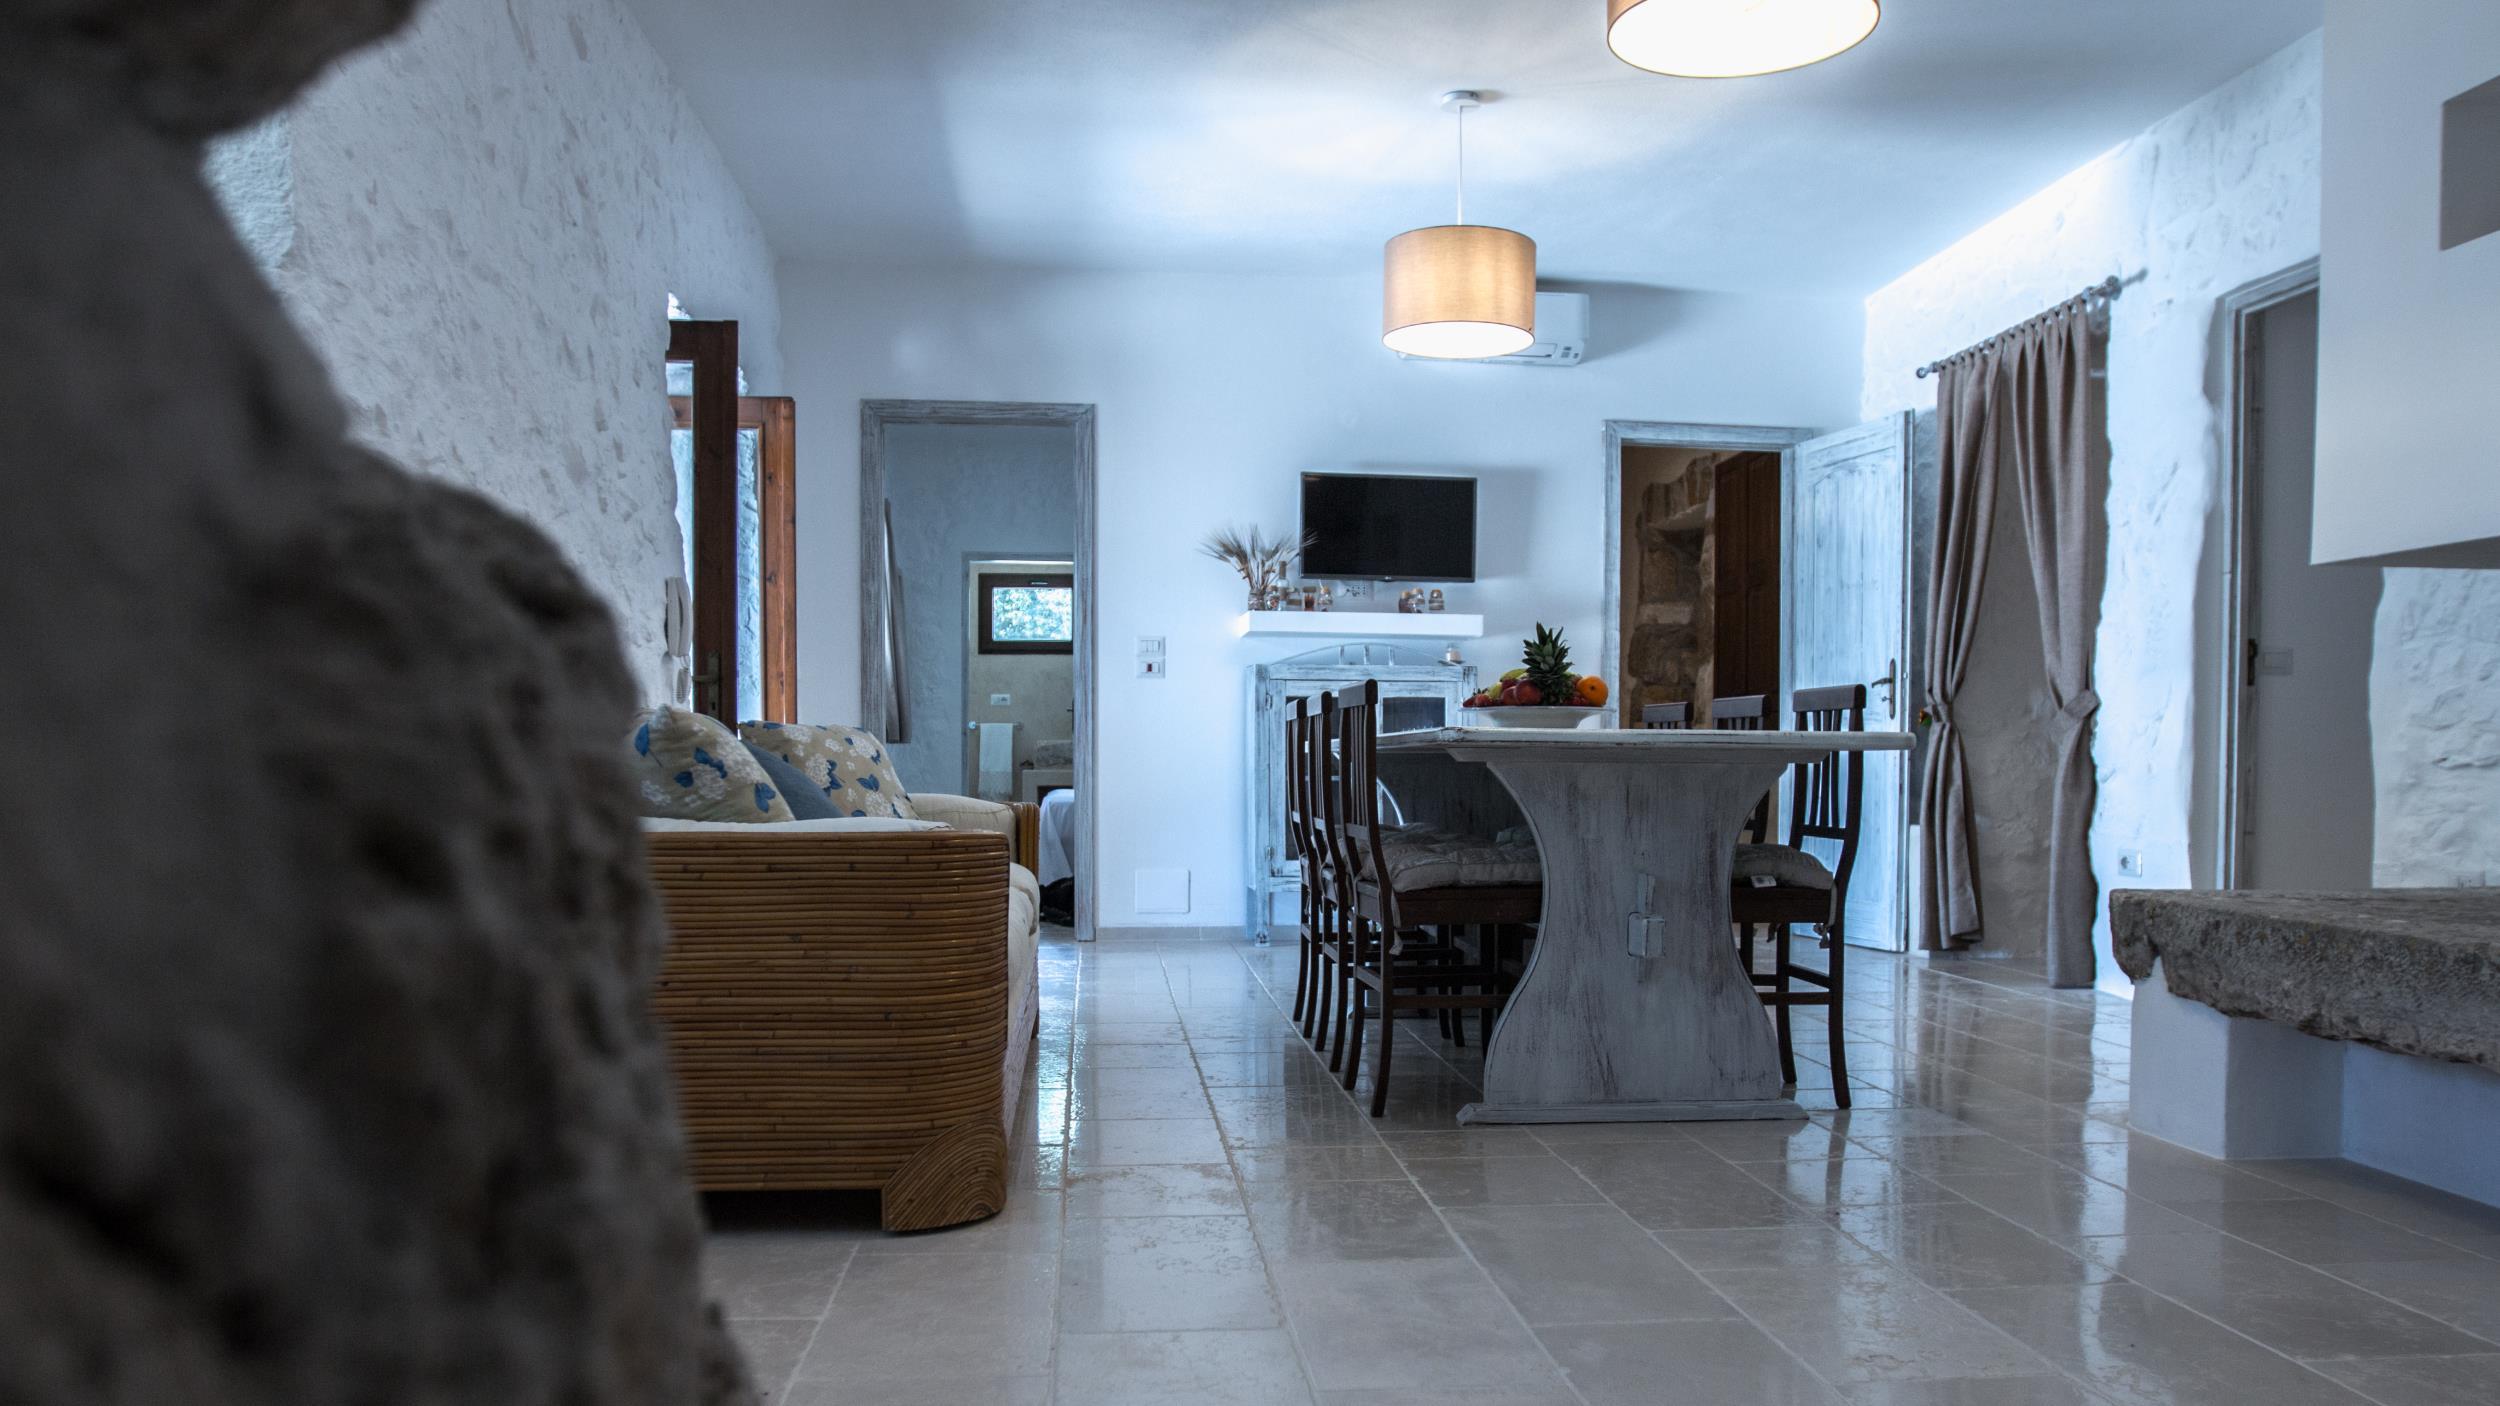 Apartment Albachiara pool house photo 22514417